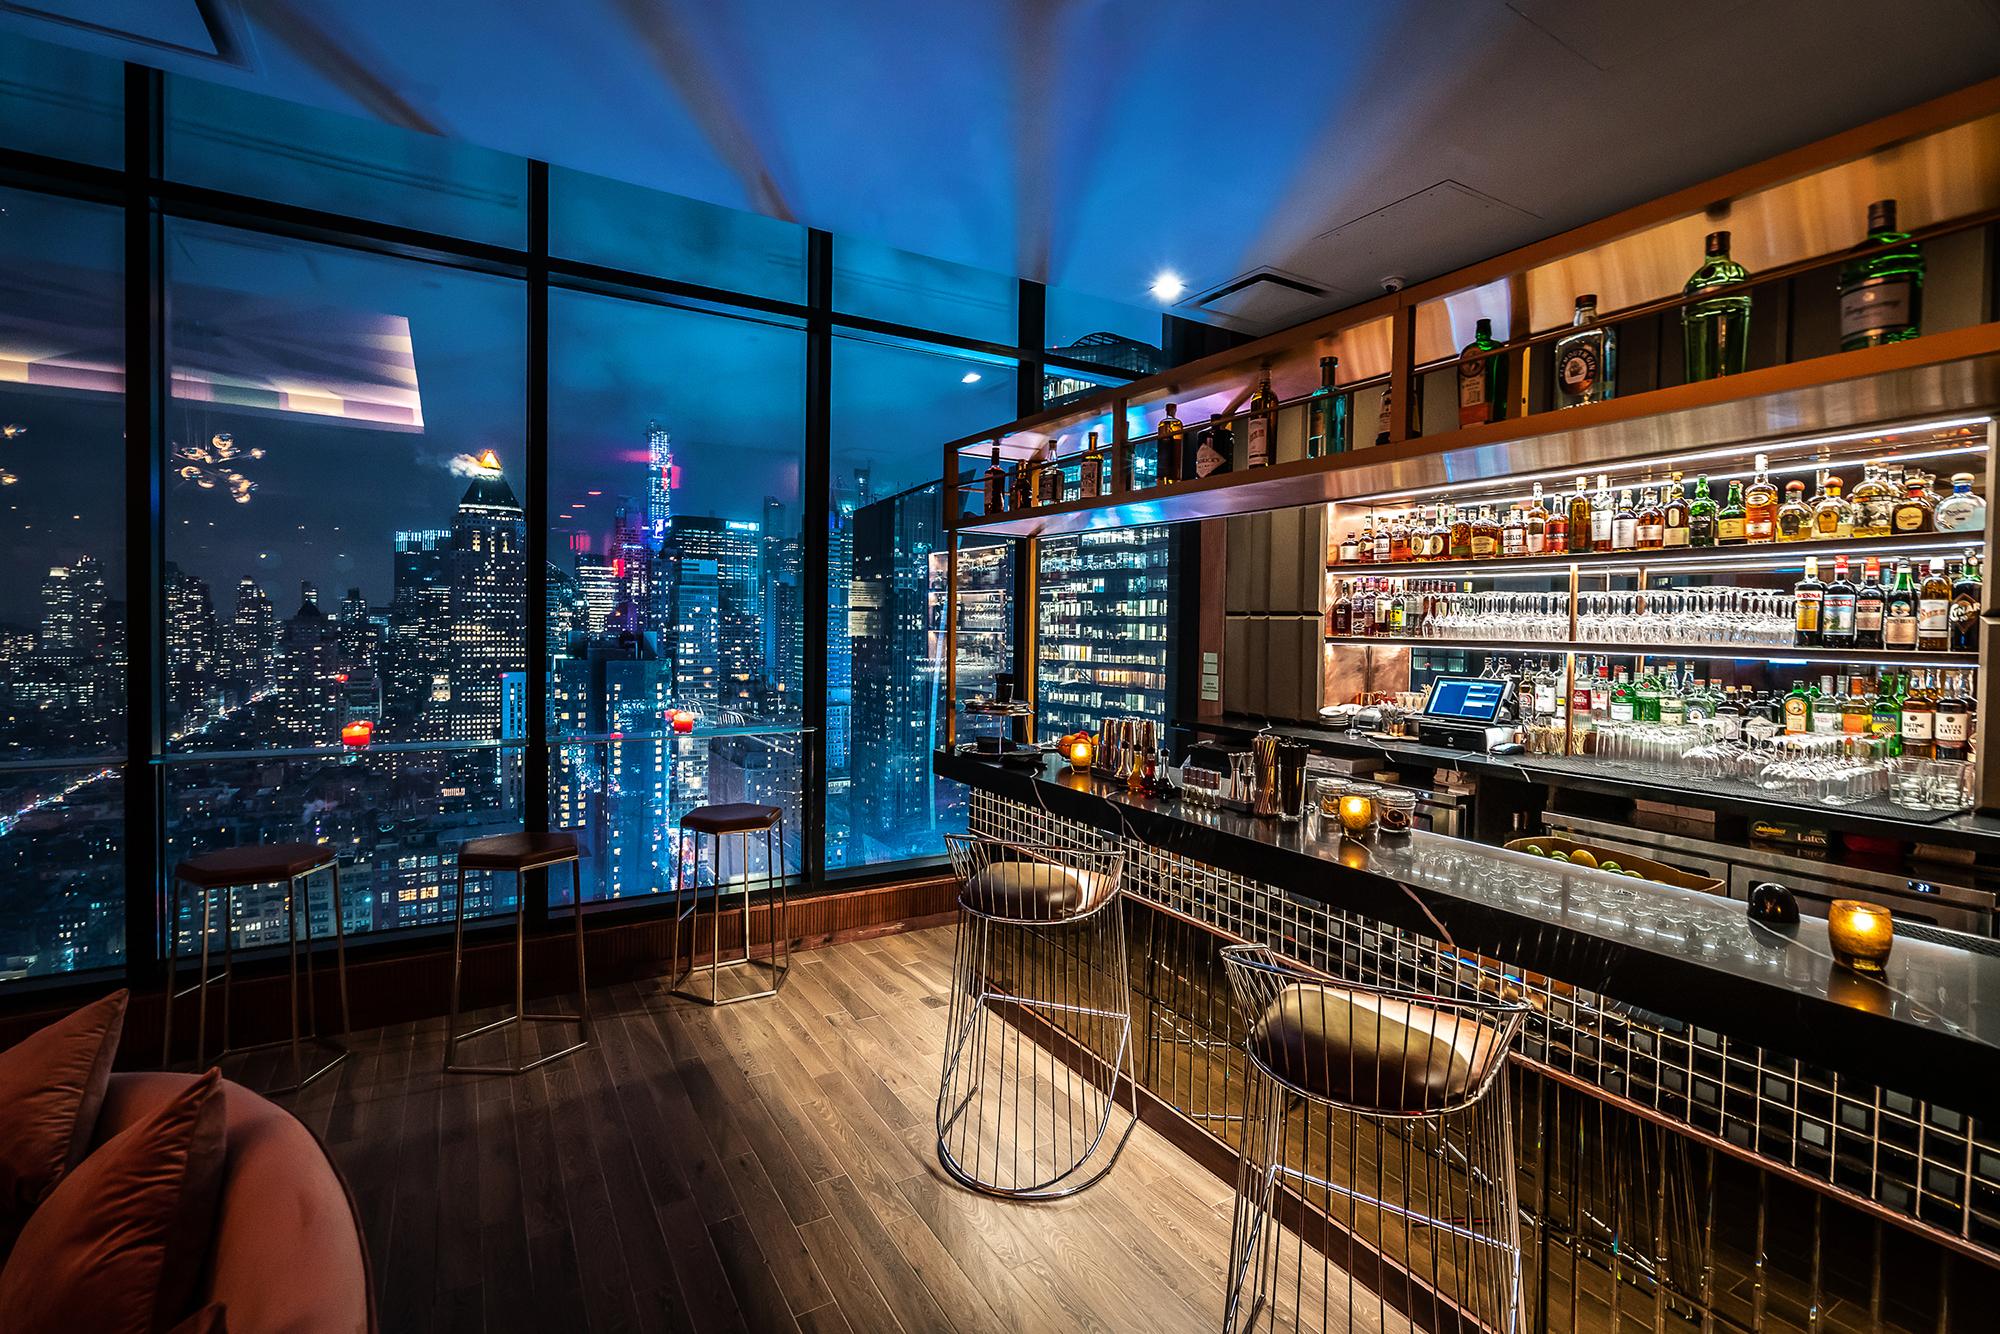 Times-Square-Restaurant-Dear_Irving.jpg?mtime=20190204174028#asset:104742